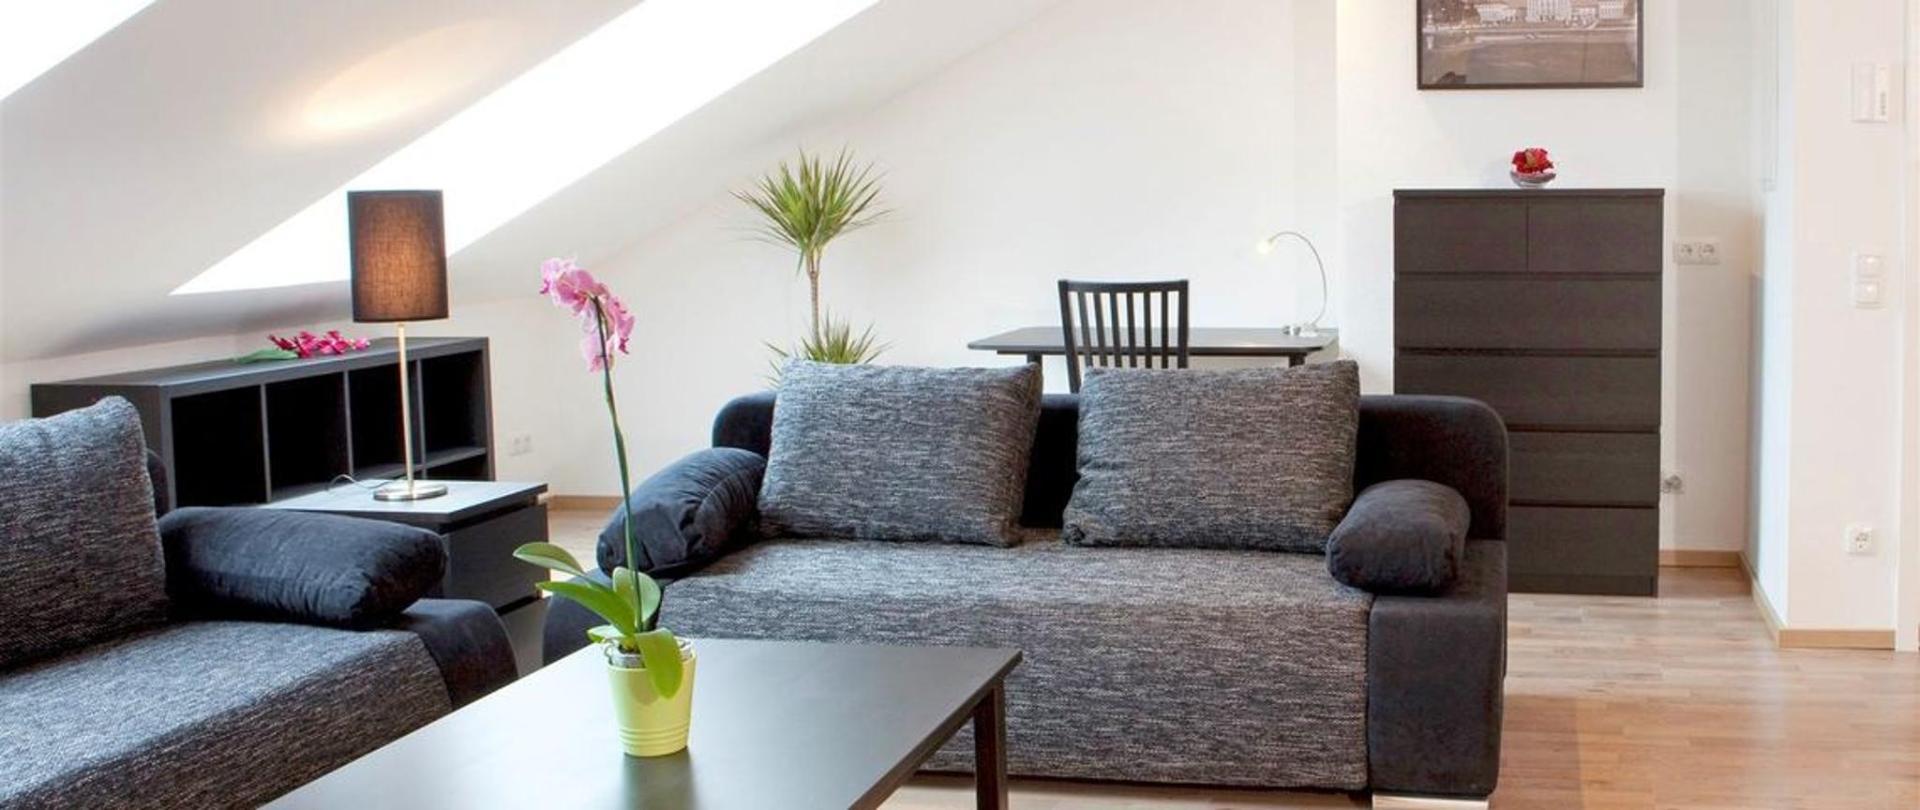 appartement_wohnzimmer-kopie.jpg.1140x481_0_313_5937.jpg